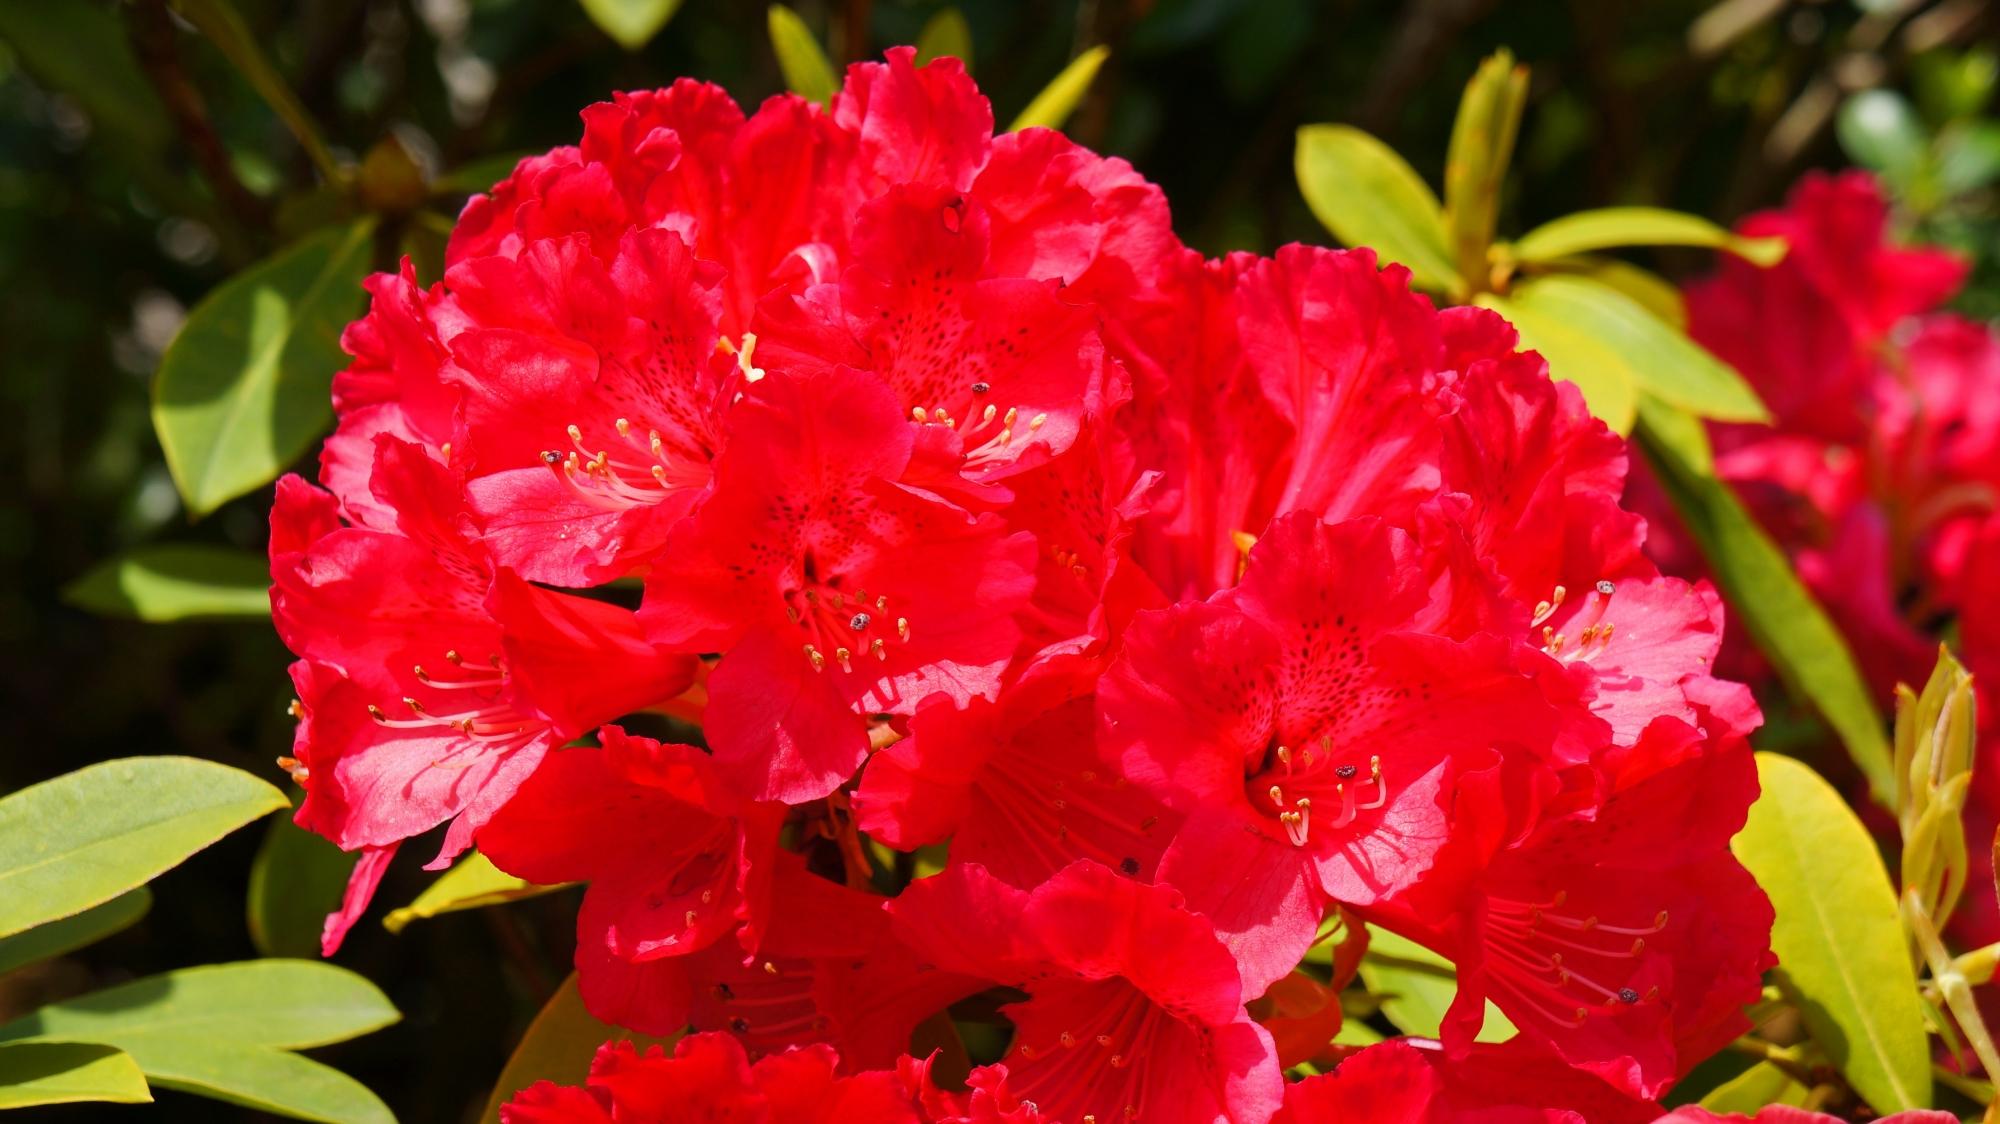 三室戸寺の情熱的な赤さの石楠花